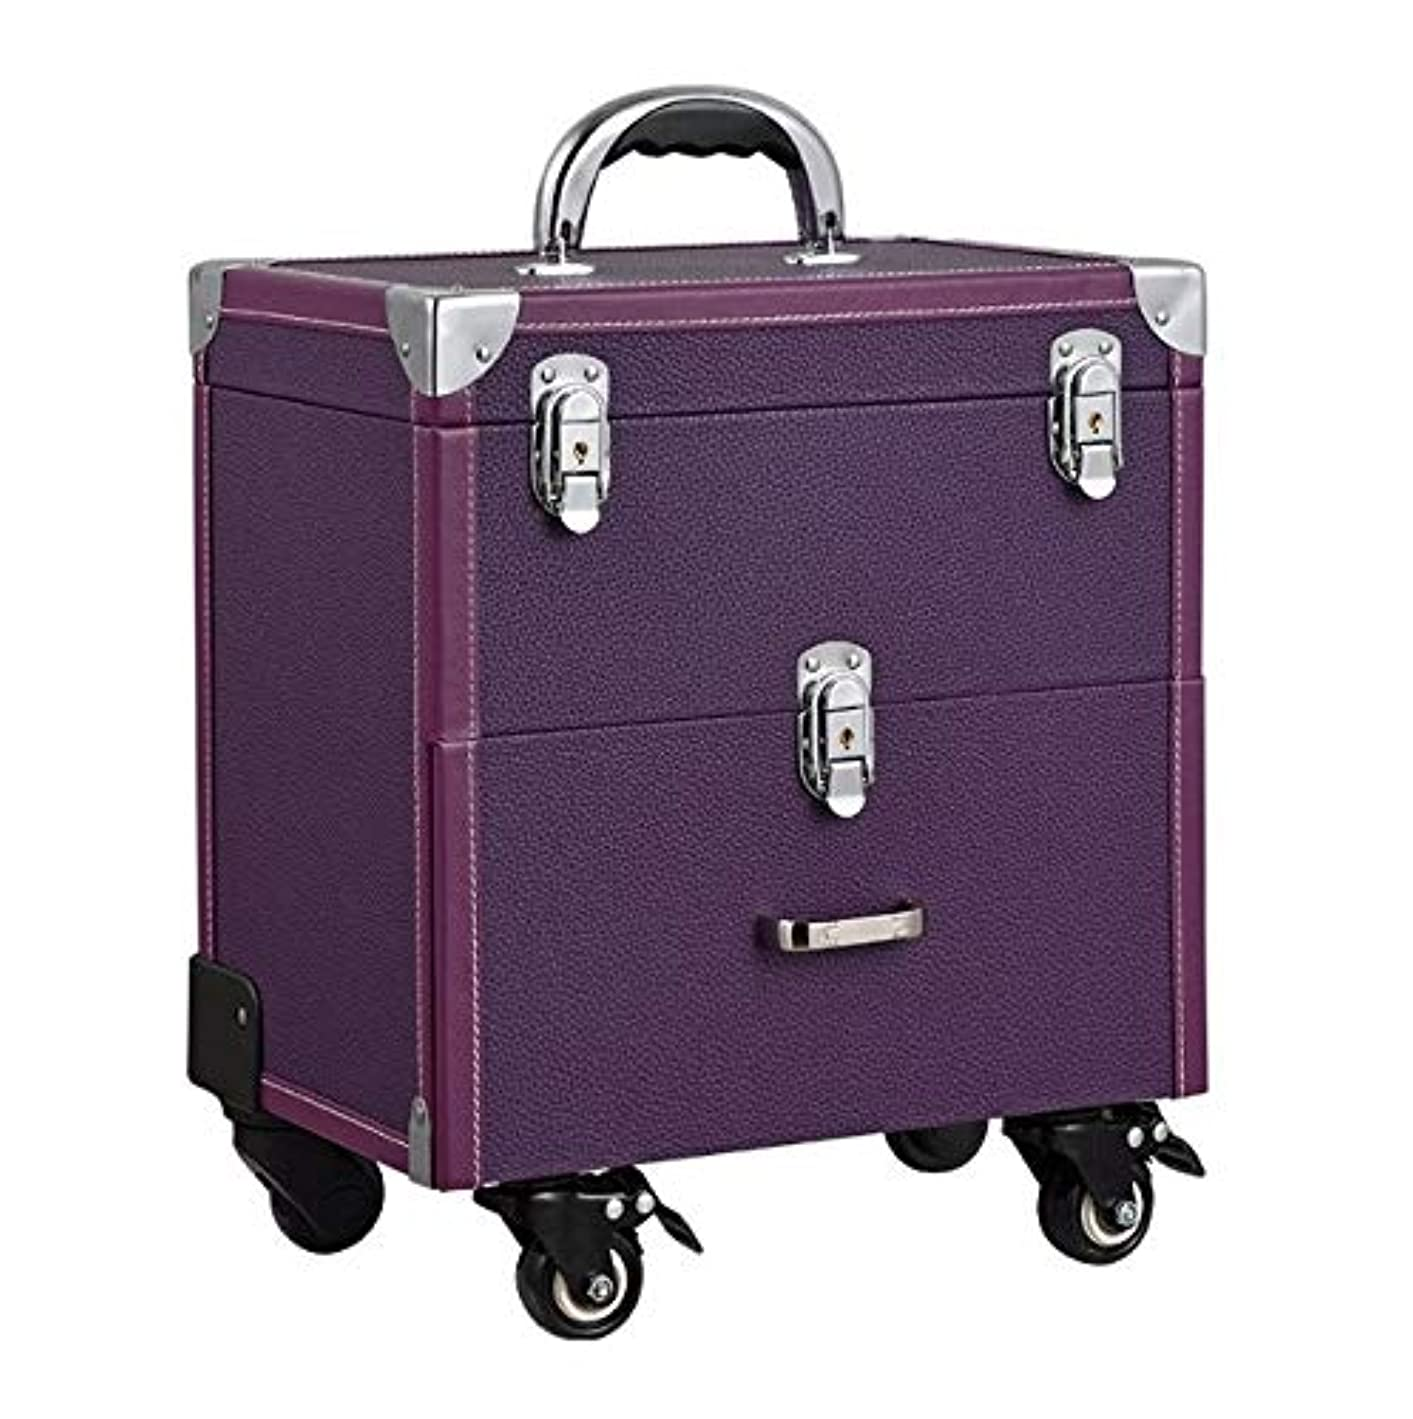 円形のカスケードイースター化粧箱、大容量ダブルポール化粧品ケース、ポータブル旅行化粧品袋収納袋、美容化粧ネイルジュエリー収納ボックス (Color : Purple)